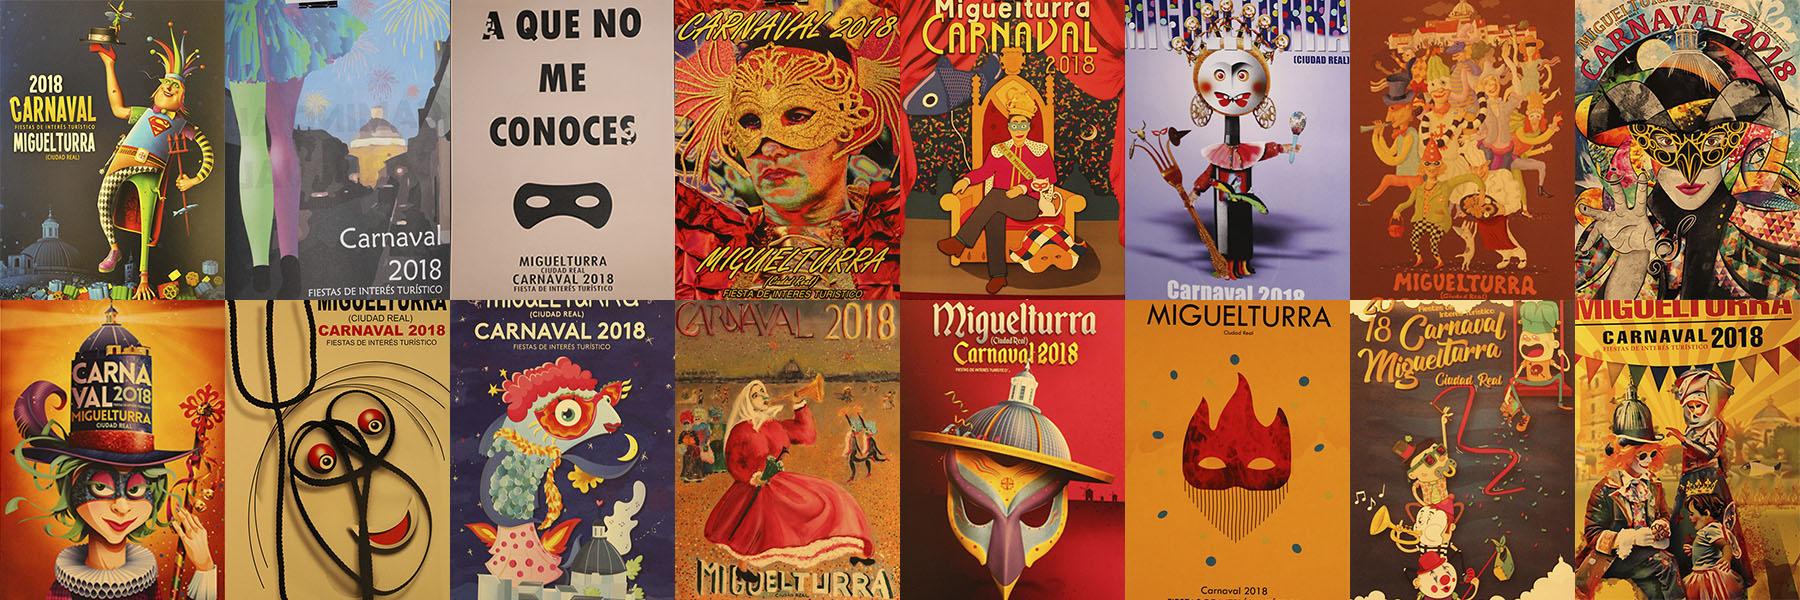 carnaval-miguelturra-concurso-cartel-anunciador-2018